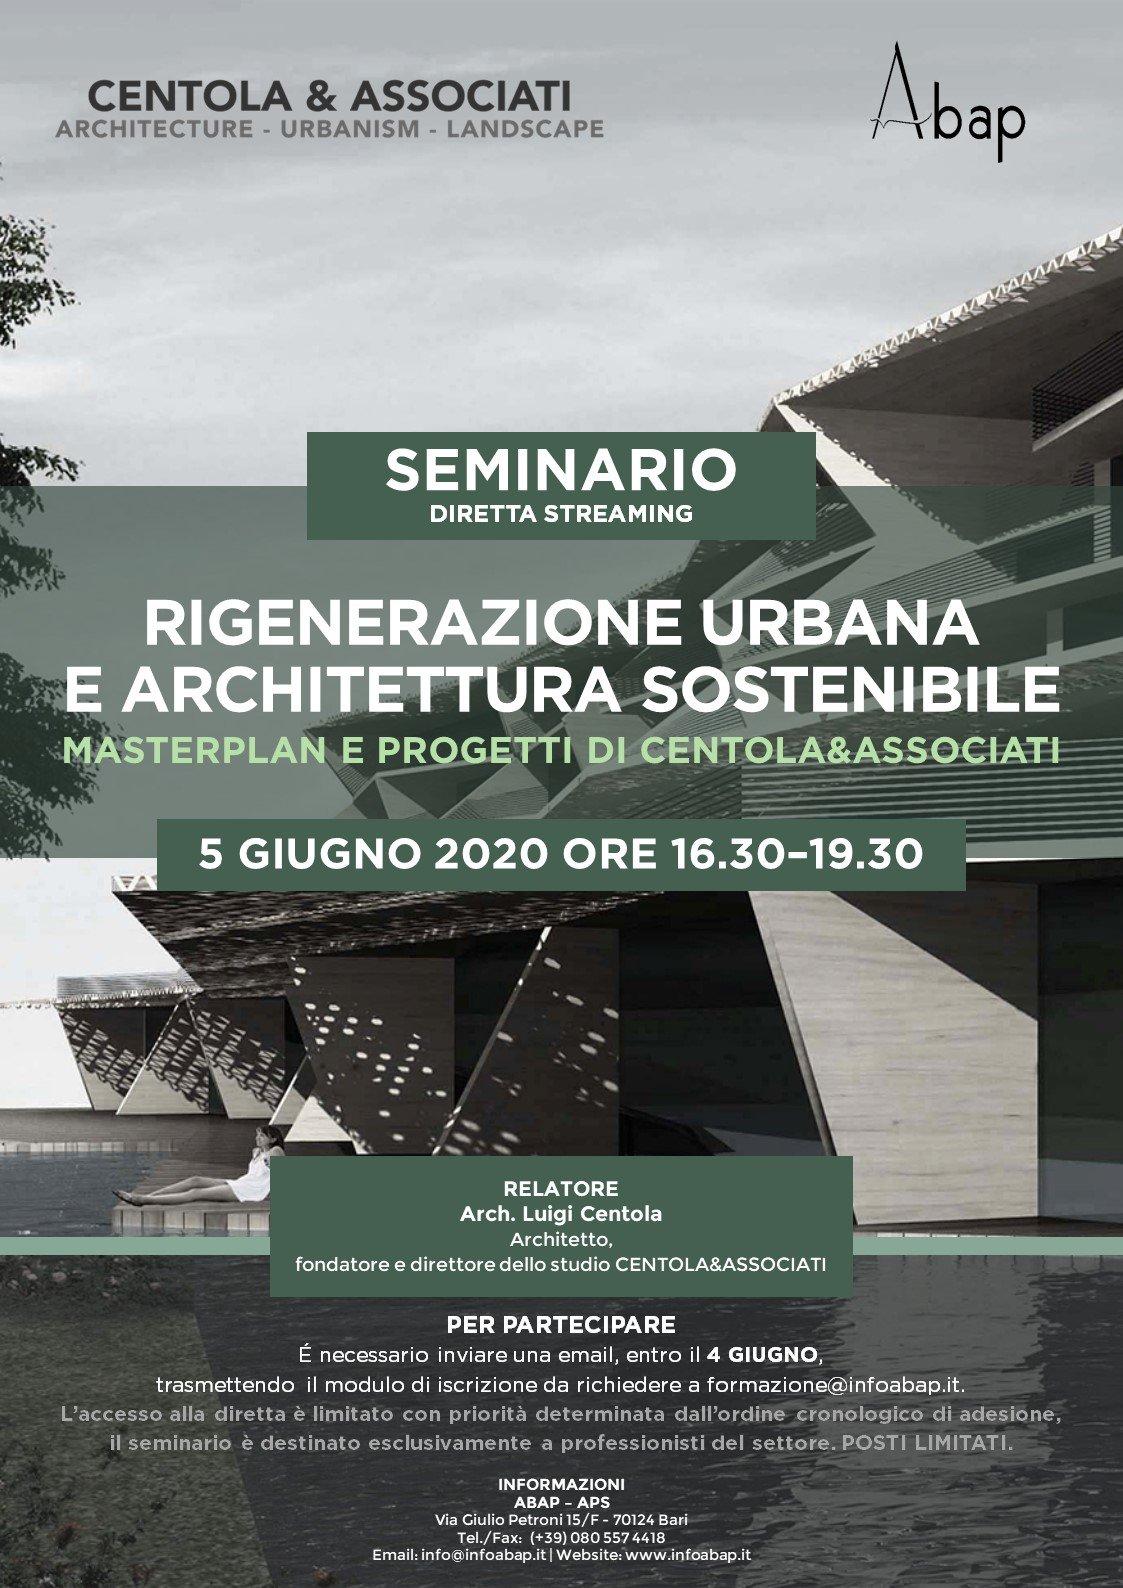 1.locandina-rigenerazione-urbana-05-06-2020_abap